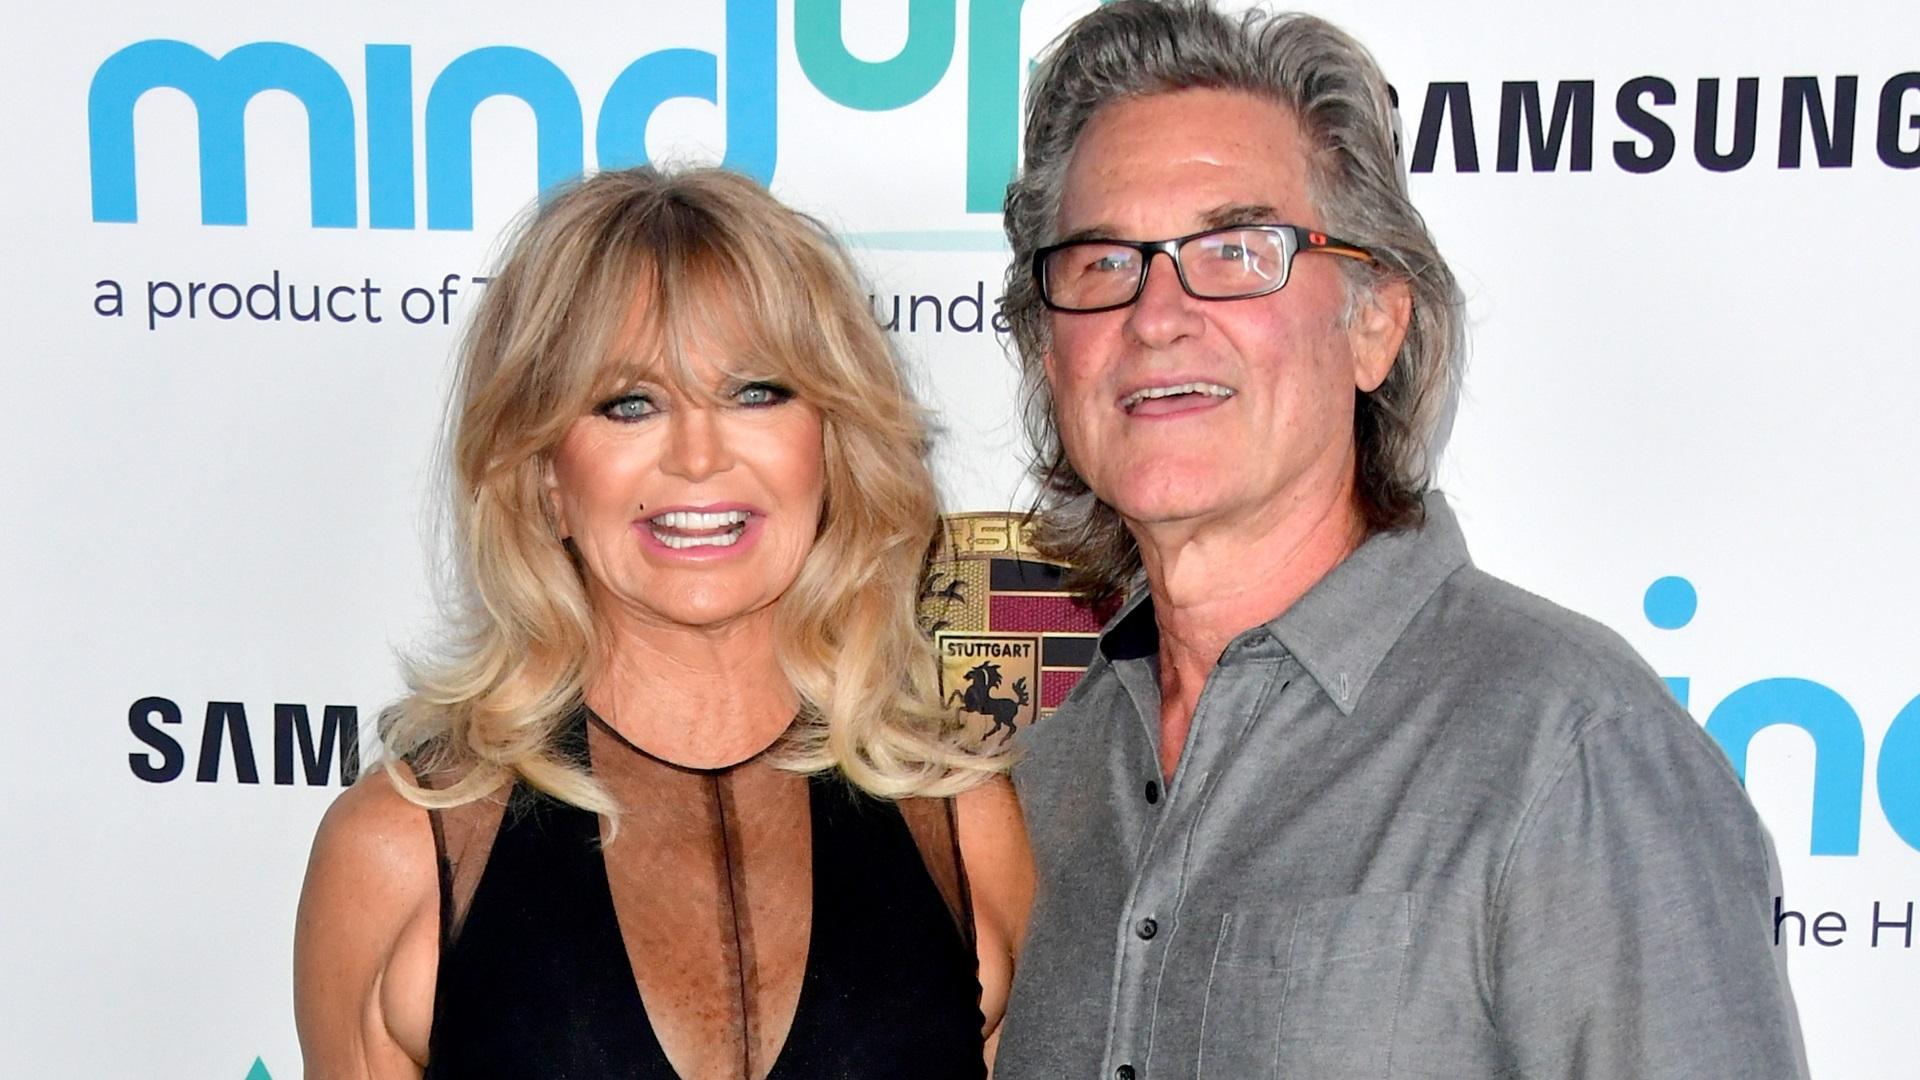 """Кърт Ръсел и Голди Хоун<br /> <br /> Двамата се срещат за първи път на снимачната площадка на филма """"The One and Only, Genuine, Original Family Band"""". Те обаче стават двойка чак 10 години по-късно, когато се срещат отново на снимките на филм – """"Двойна смяна""""."""